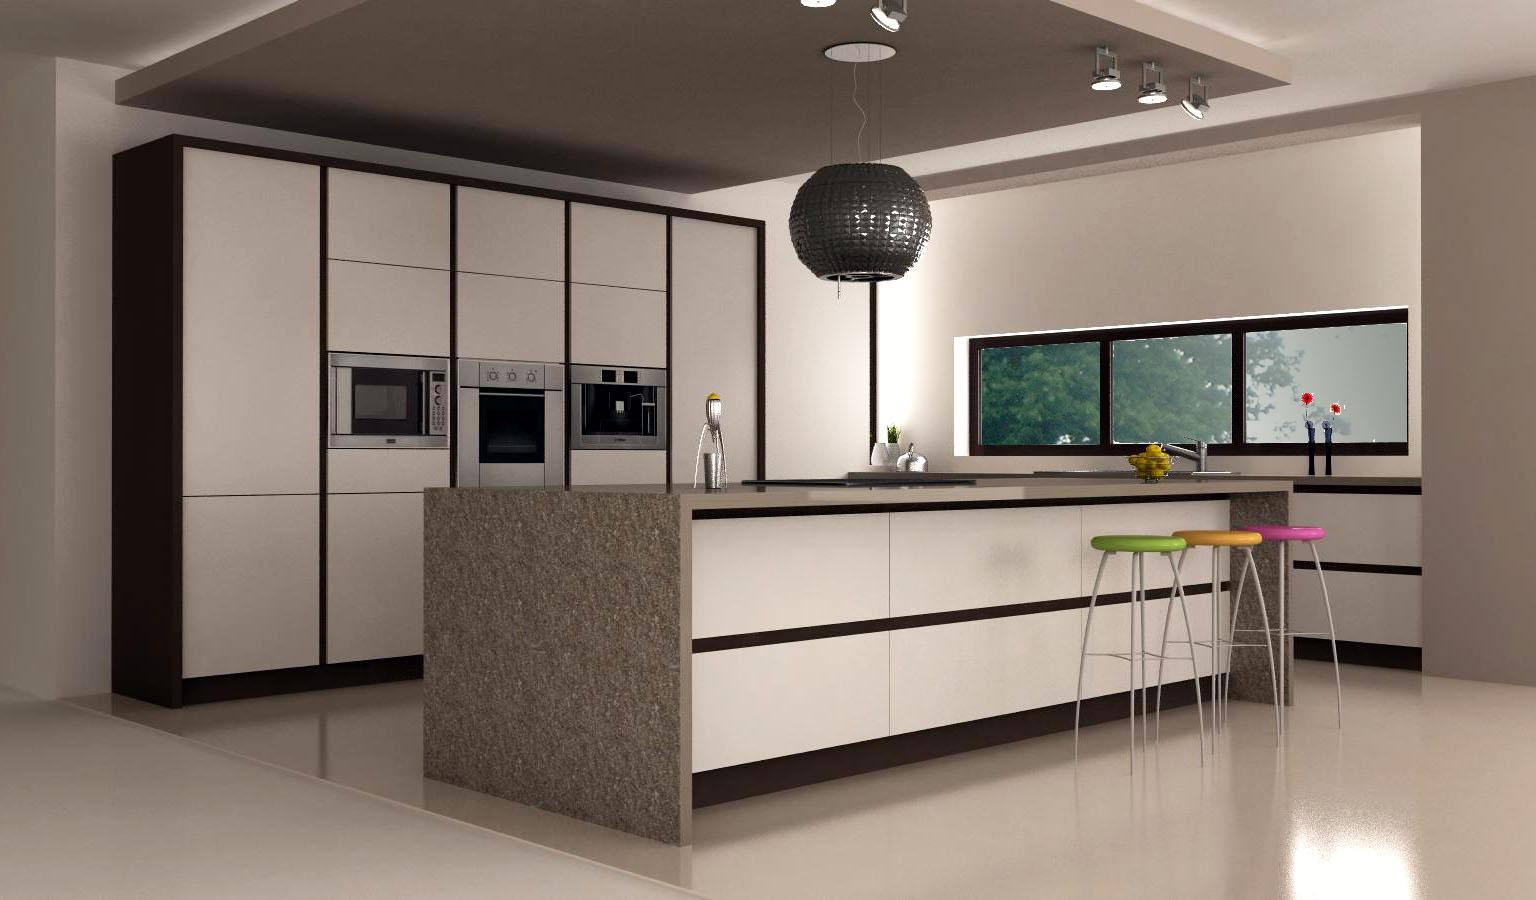 design bucatarie moderna 01